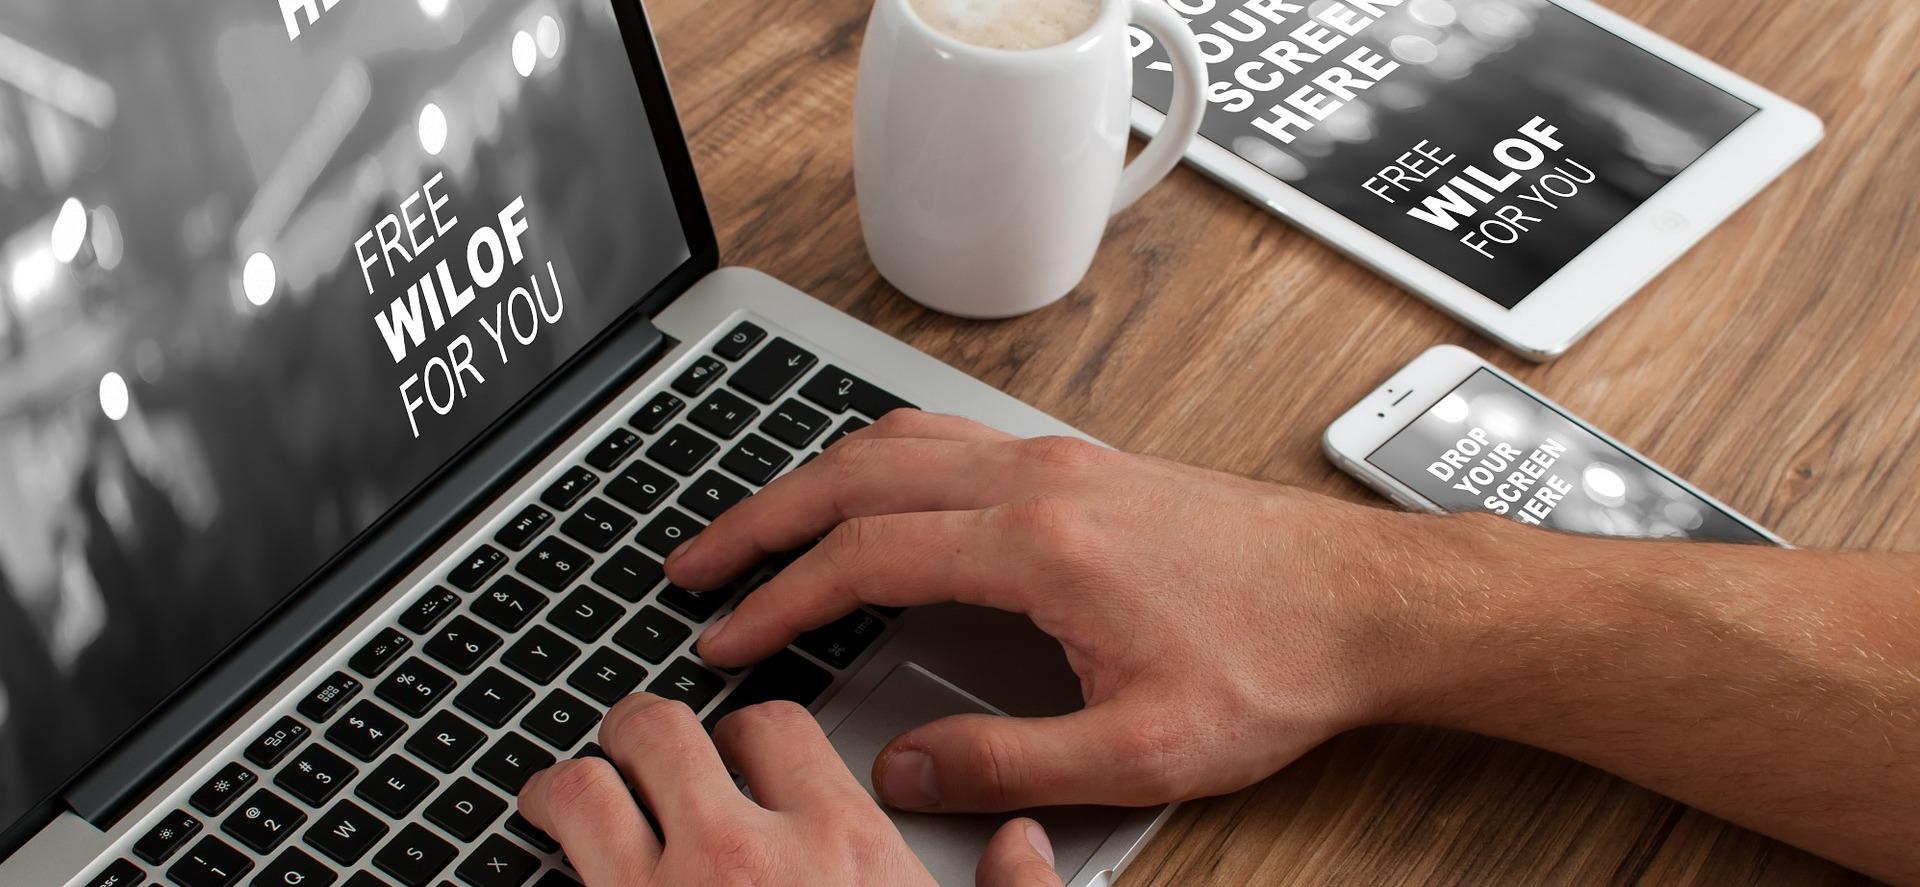 Die gemeinsame Zwischenablage für Mac und iOS ist praktisch (Bild: Pixabay)